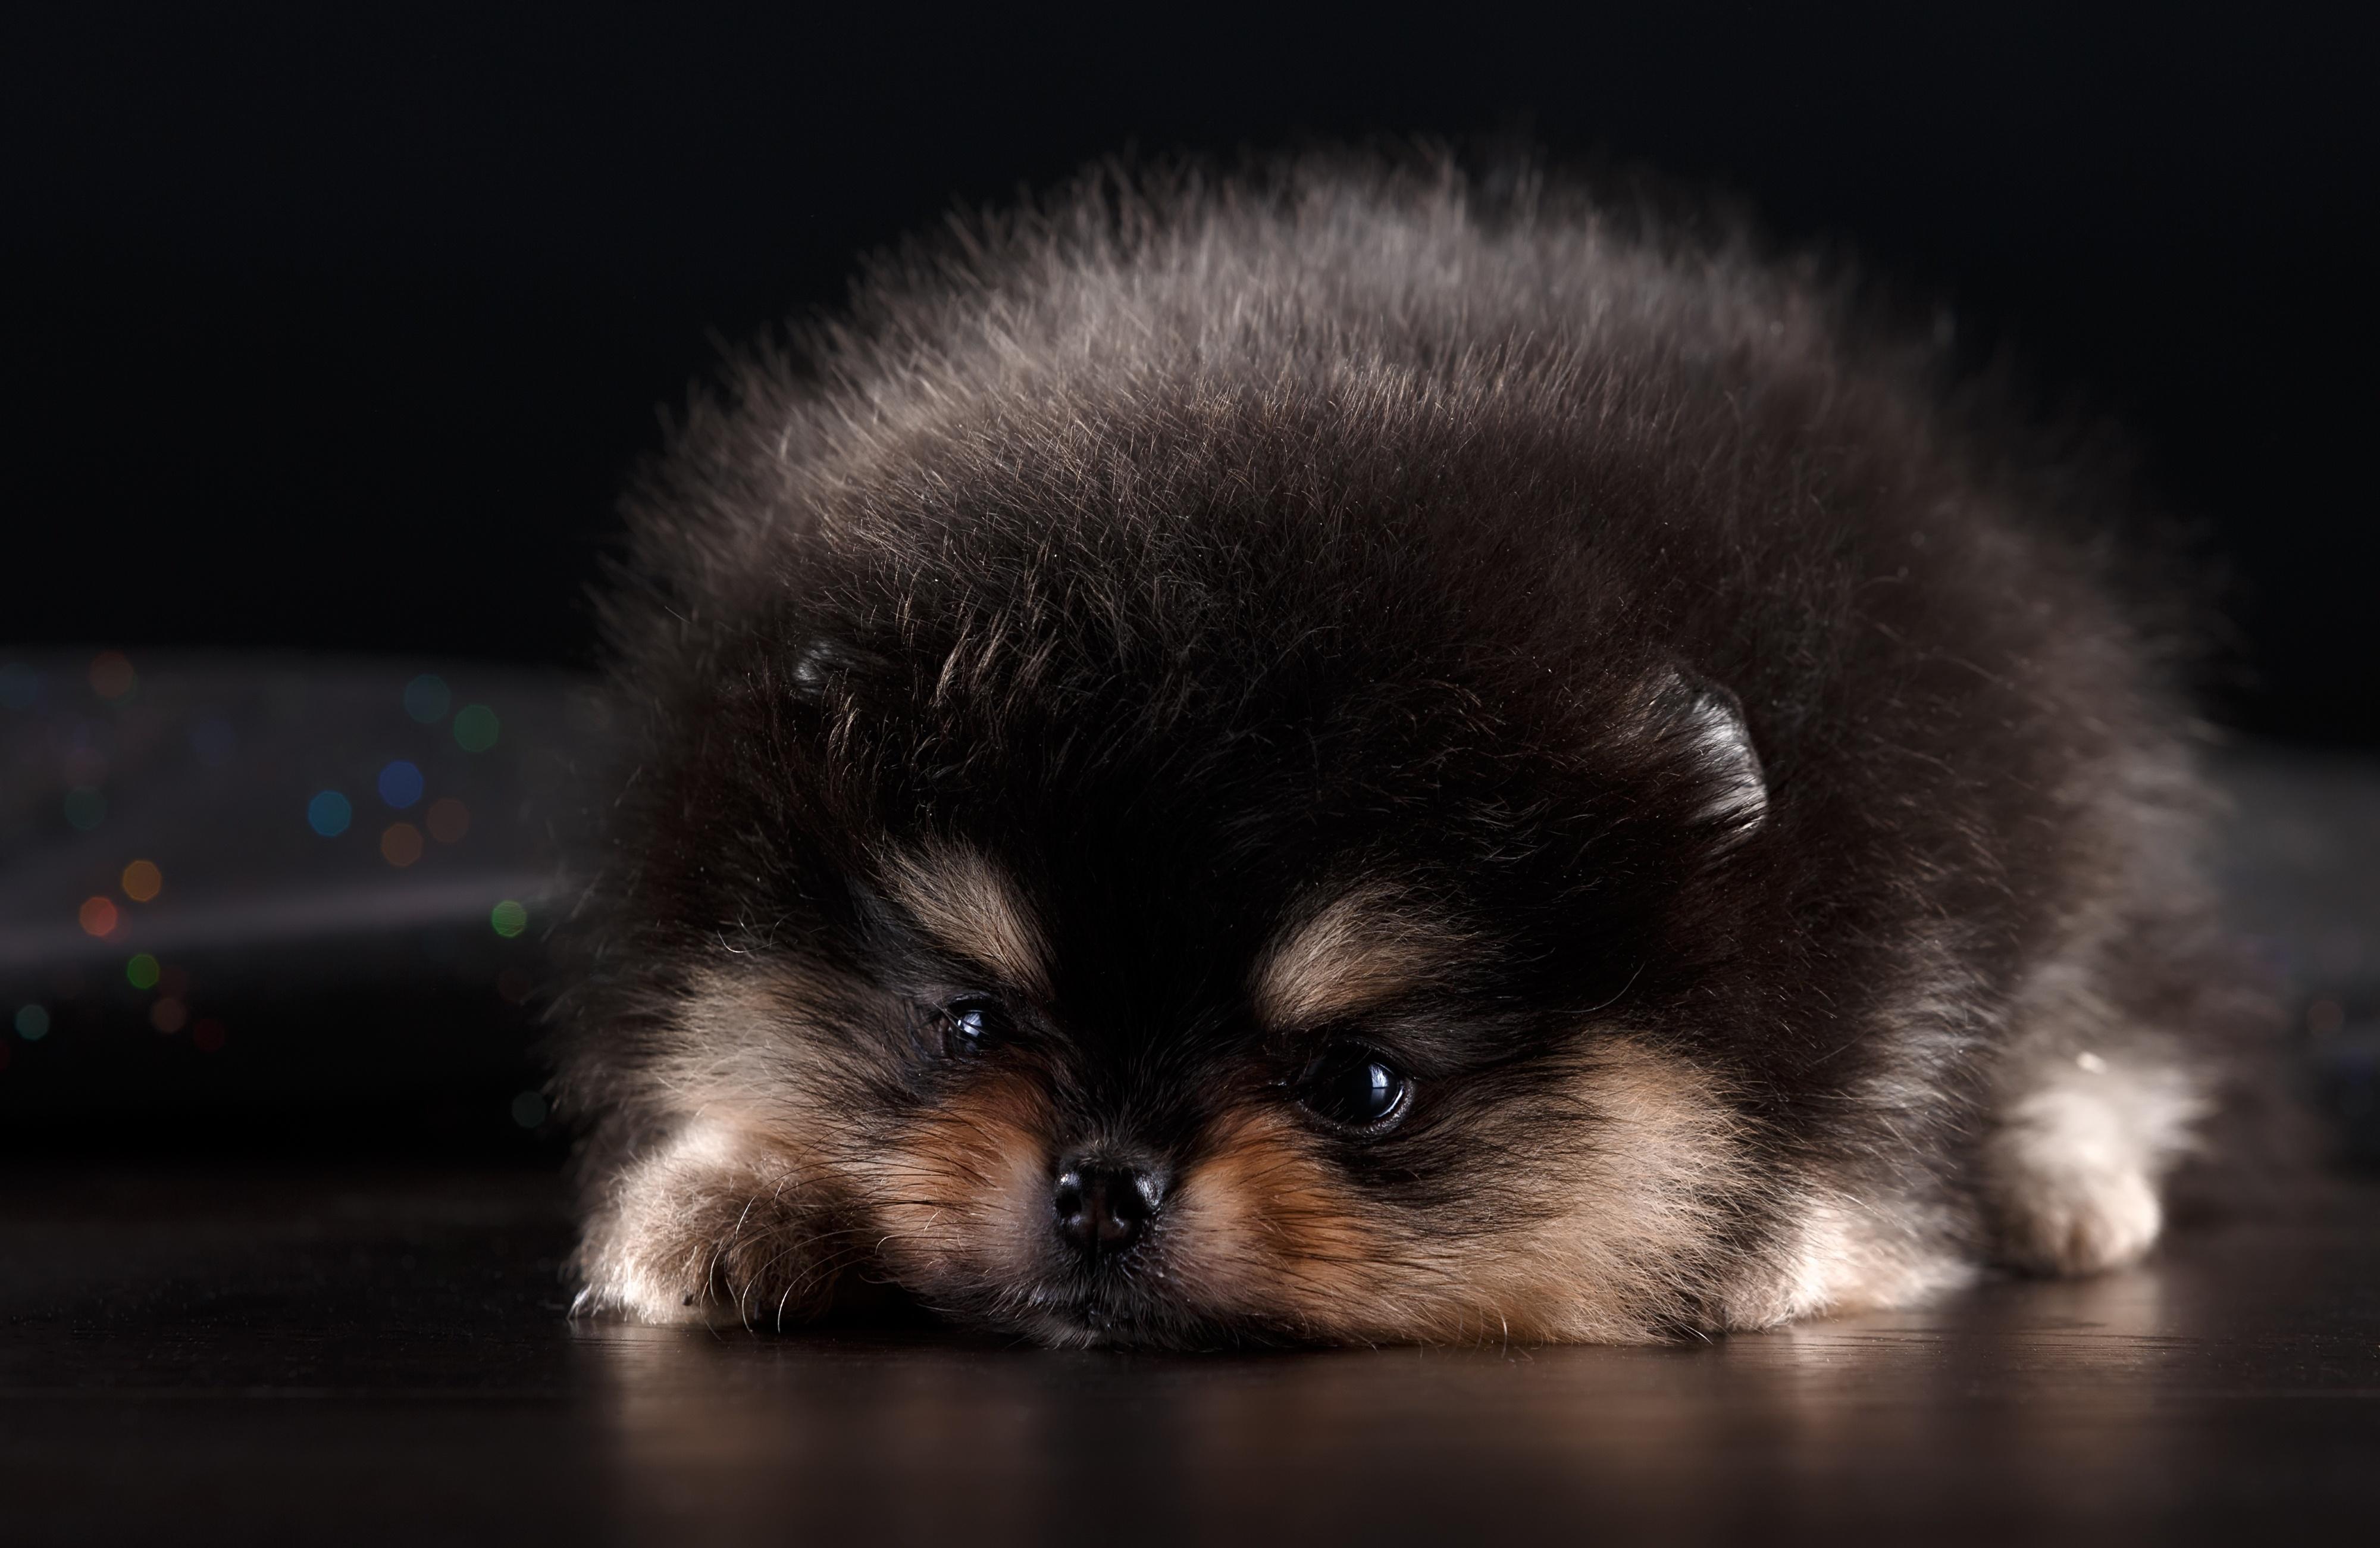 что многие пушистые щенки милые фото данный момент